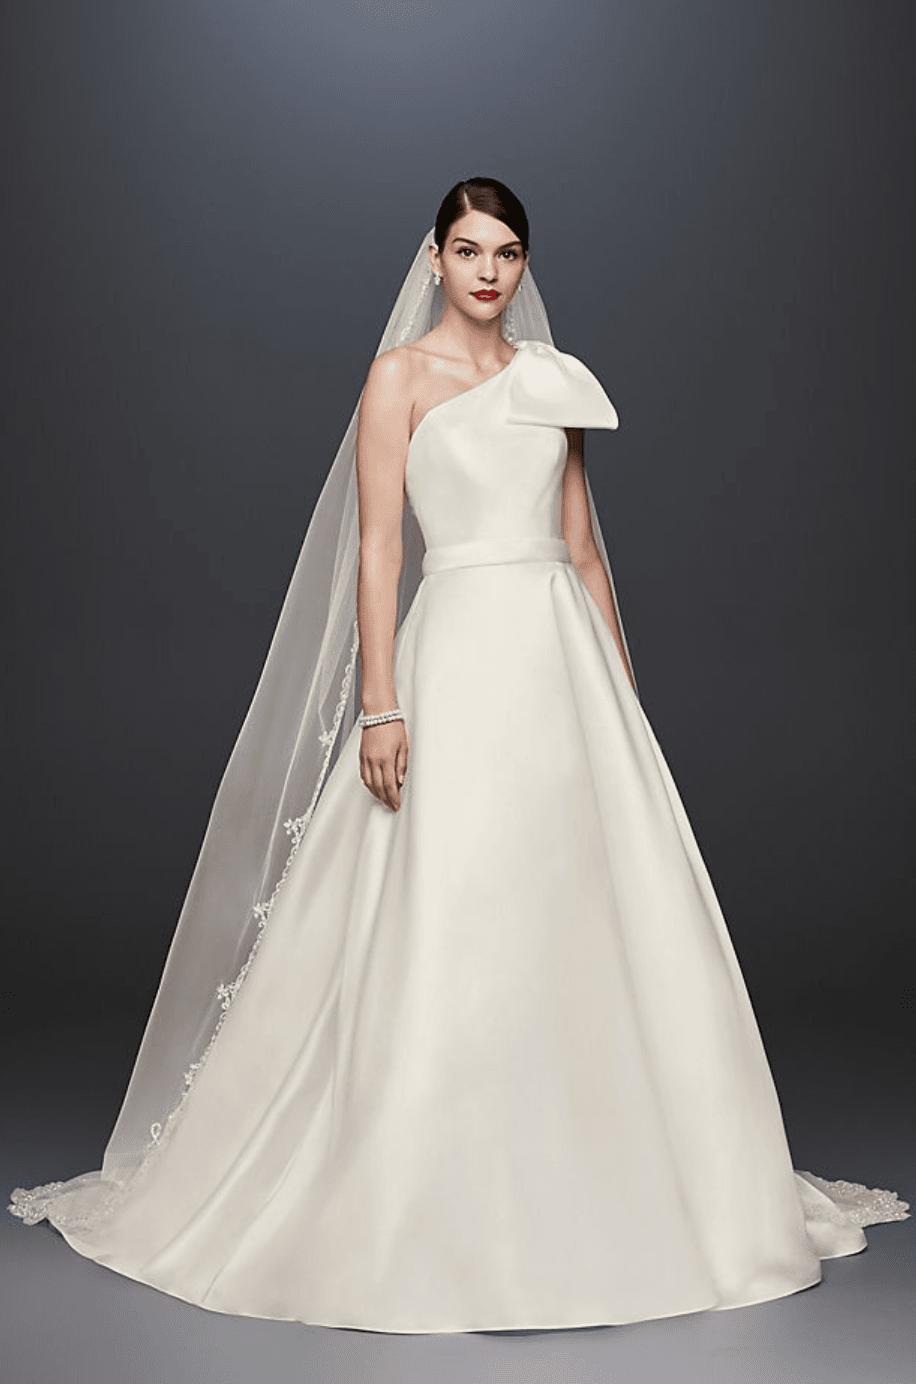 7 Bahan Gaun Pengantin Terbaik, Bikin Terlihat Beda di Hari Bahagia!